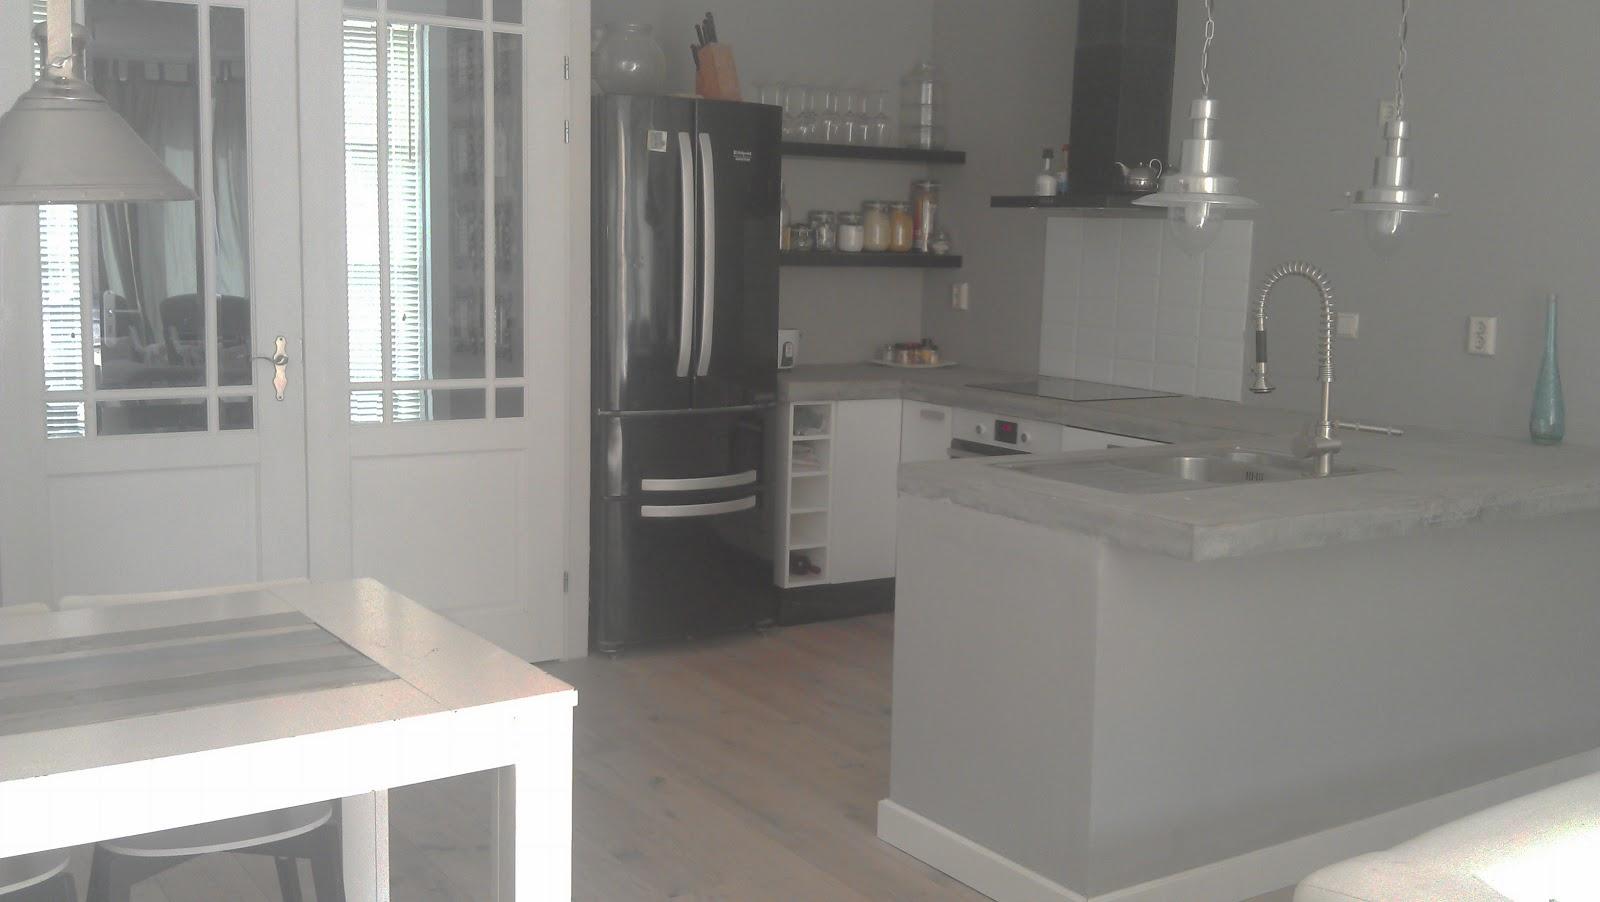 Zelf Keuken Betegelen : Pimpish: DIY stappenplan betonnen aanrecht